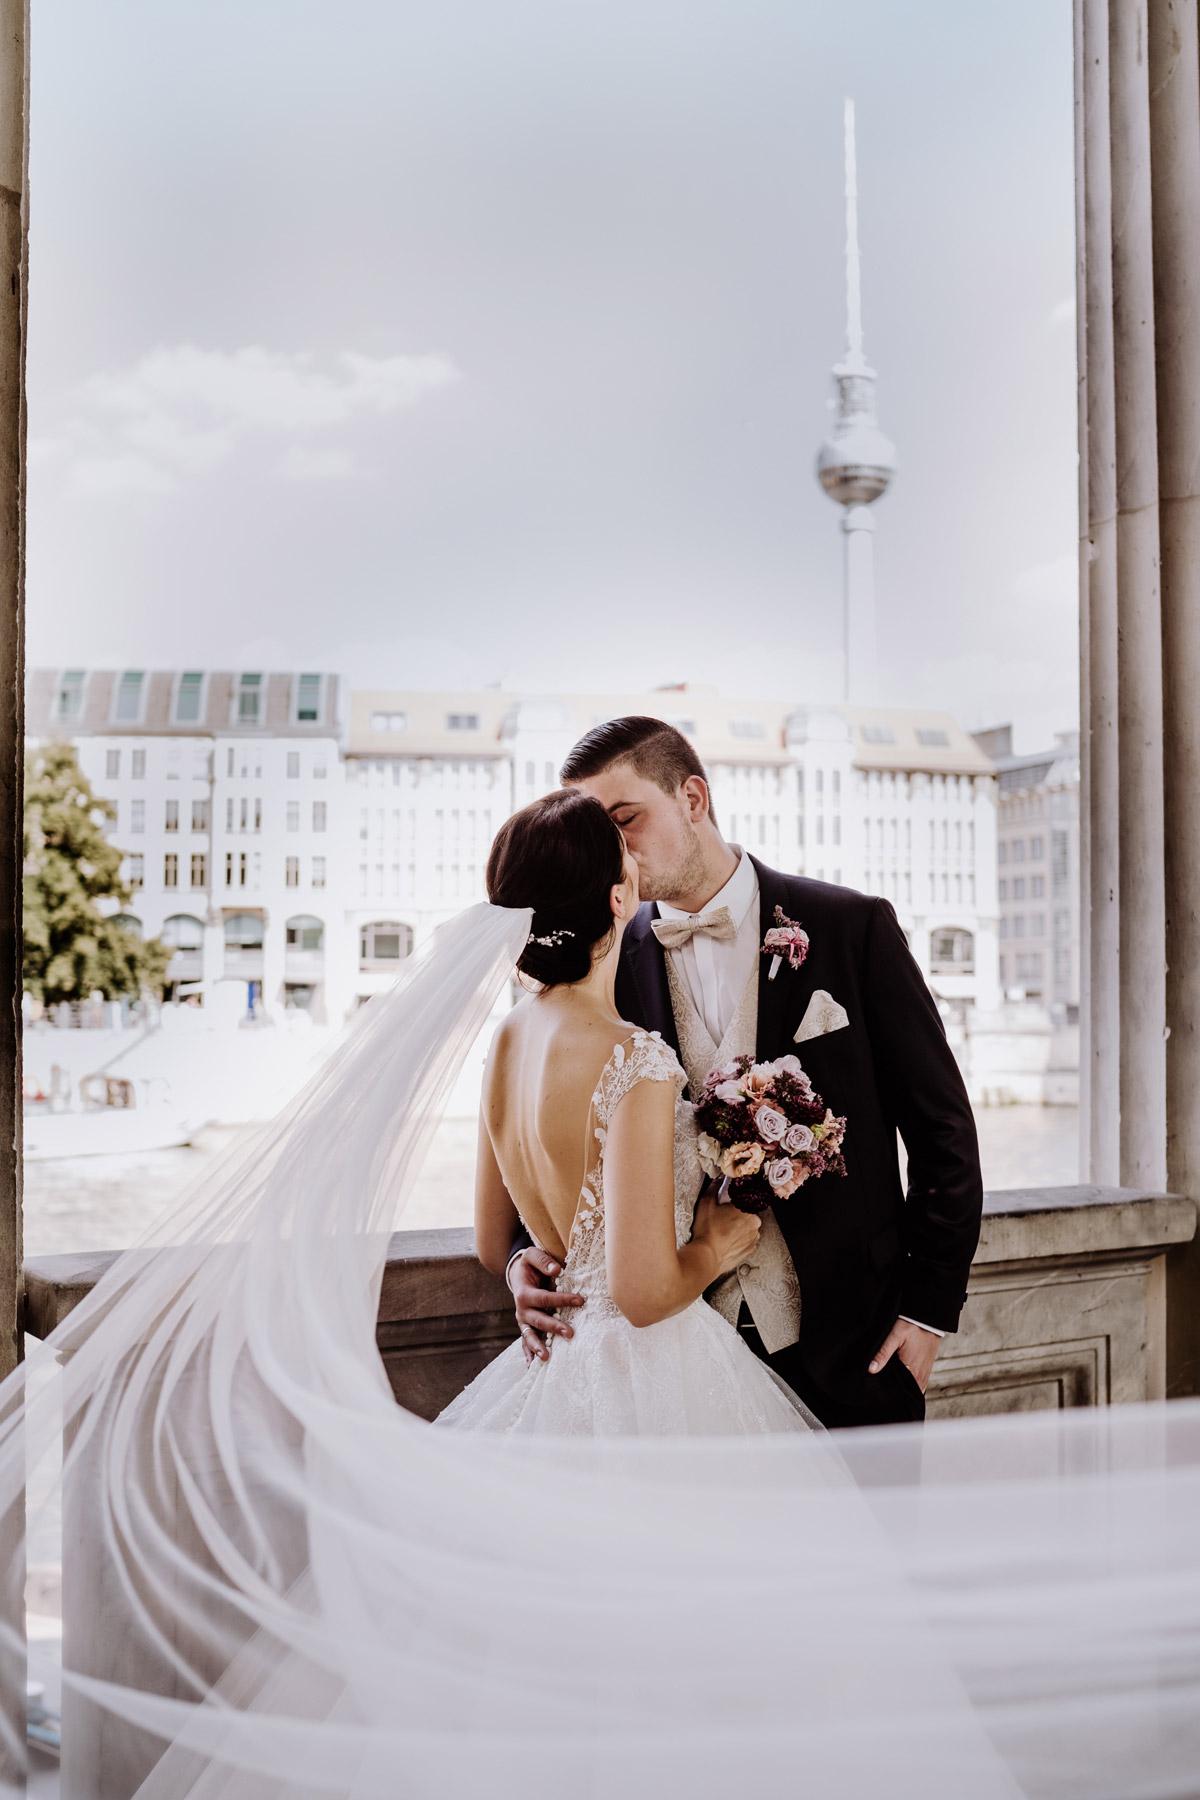 Hochzeitspaar vor Fernsehturm Brautpaarshooting Idee nach Kirche von Hochzeitsfotografin Berlin © www.hochzeitslicht.de #hochzeitslicht #Hochzeitsfotos #Hochzeitspaar